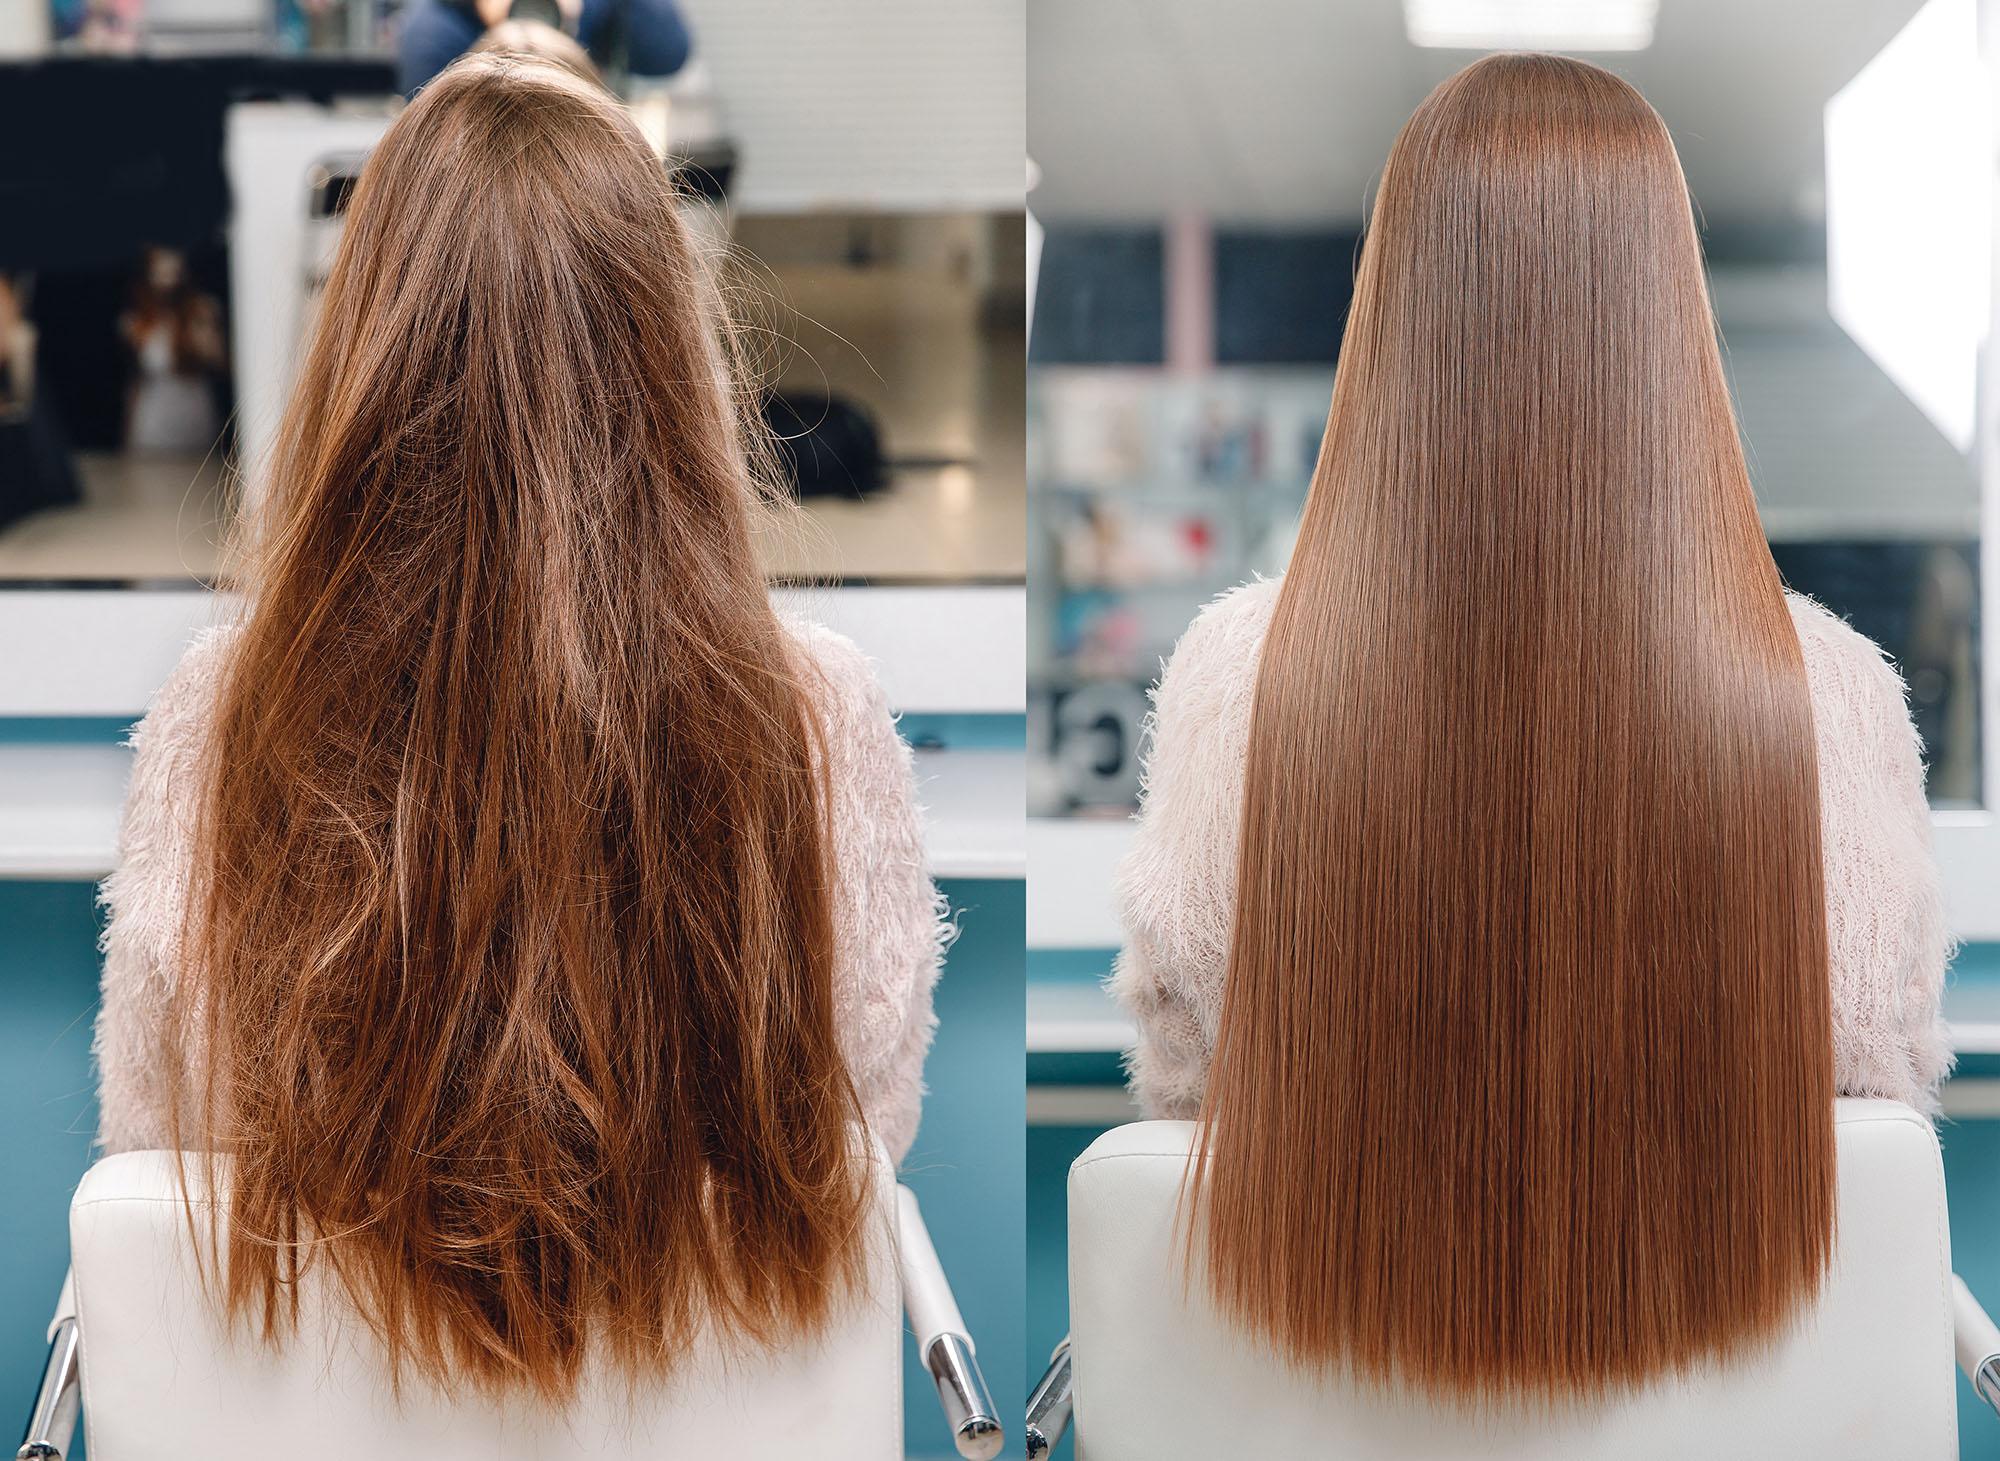 włosy przed i po laminowaniu